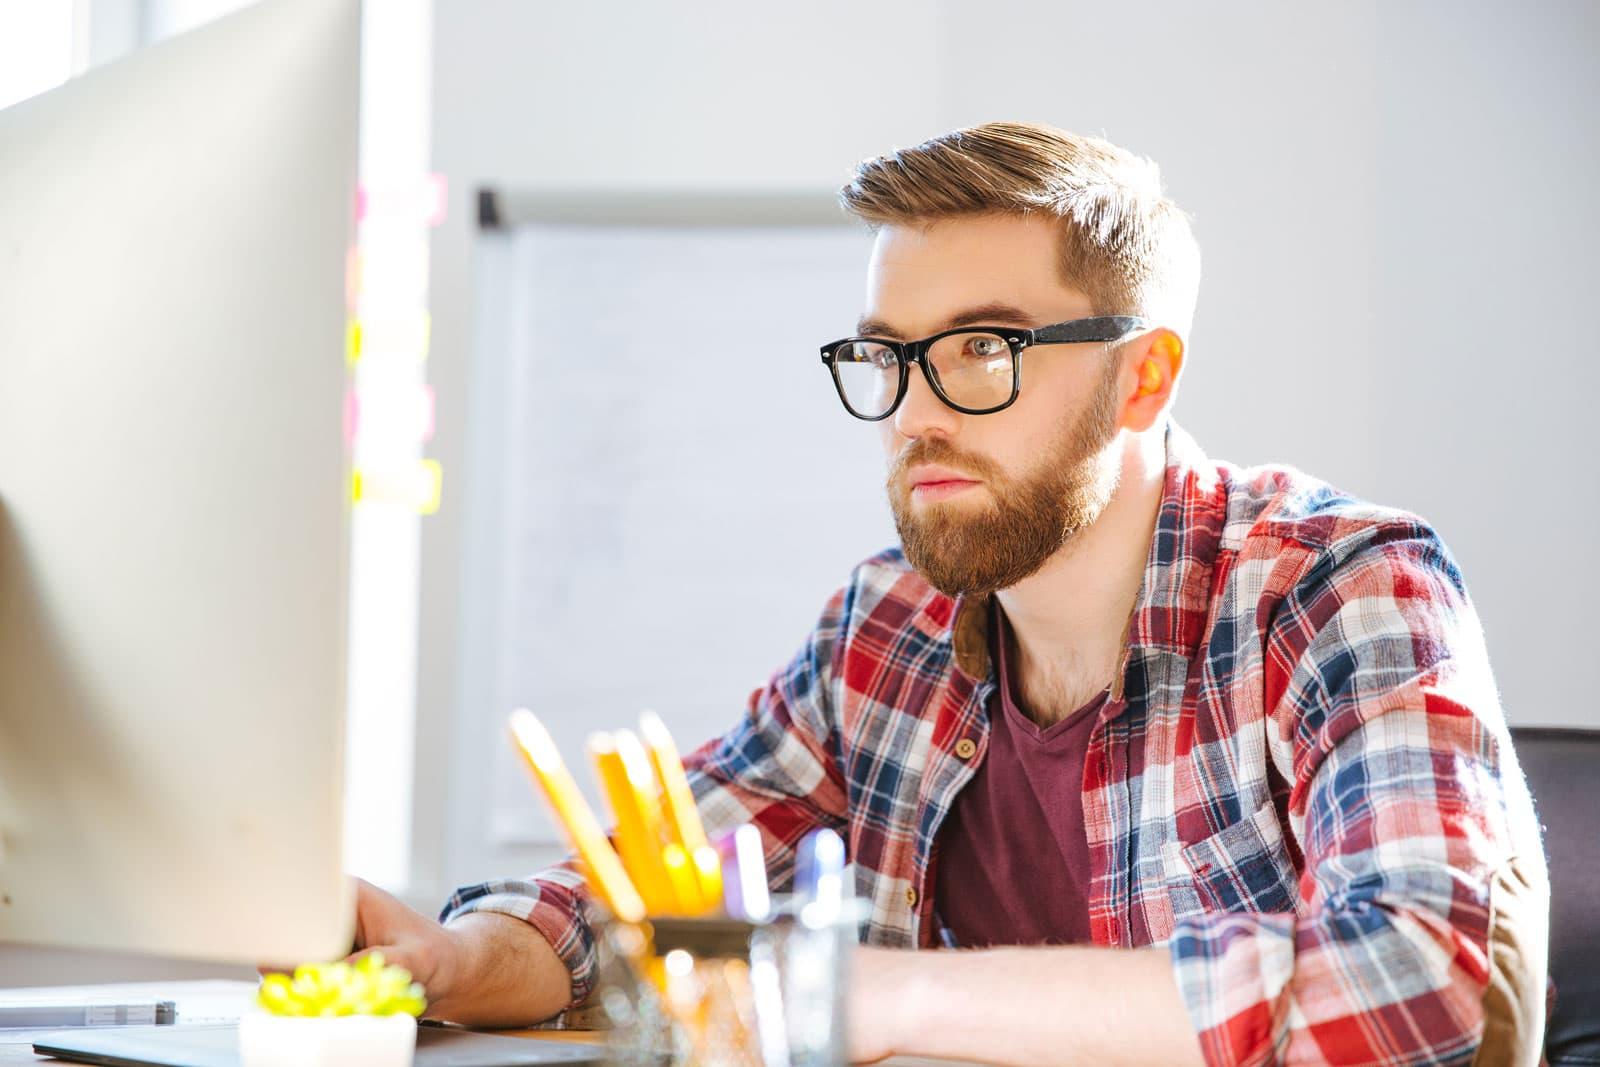 Mann mit Brille vor Bildschirm